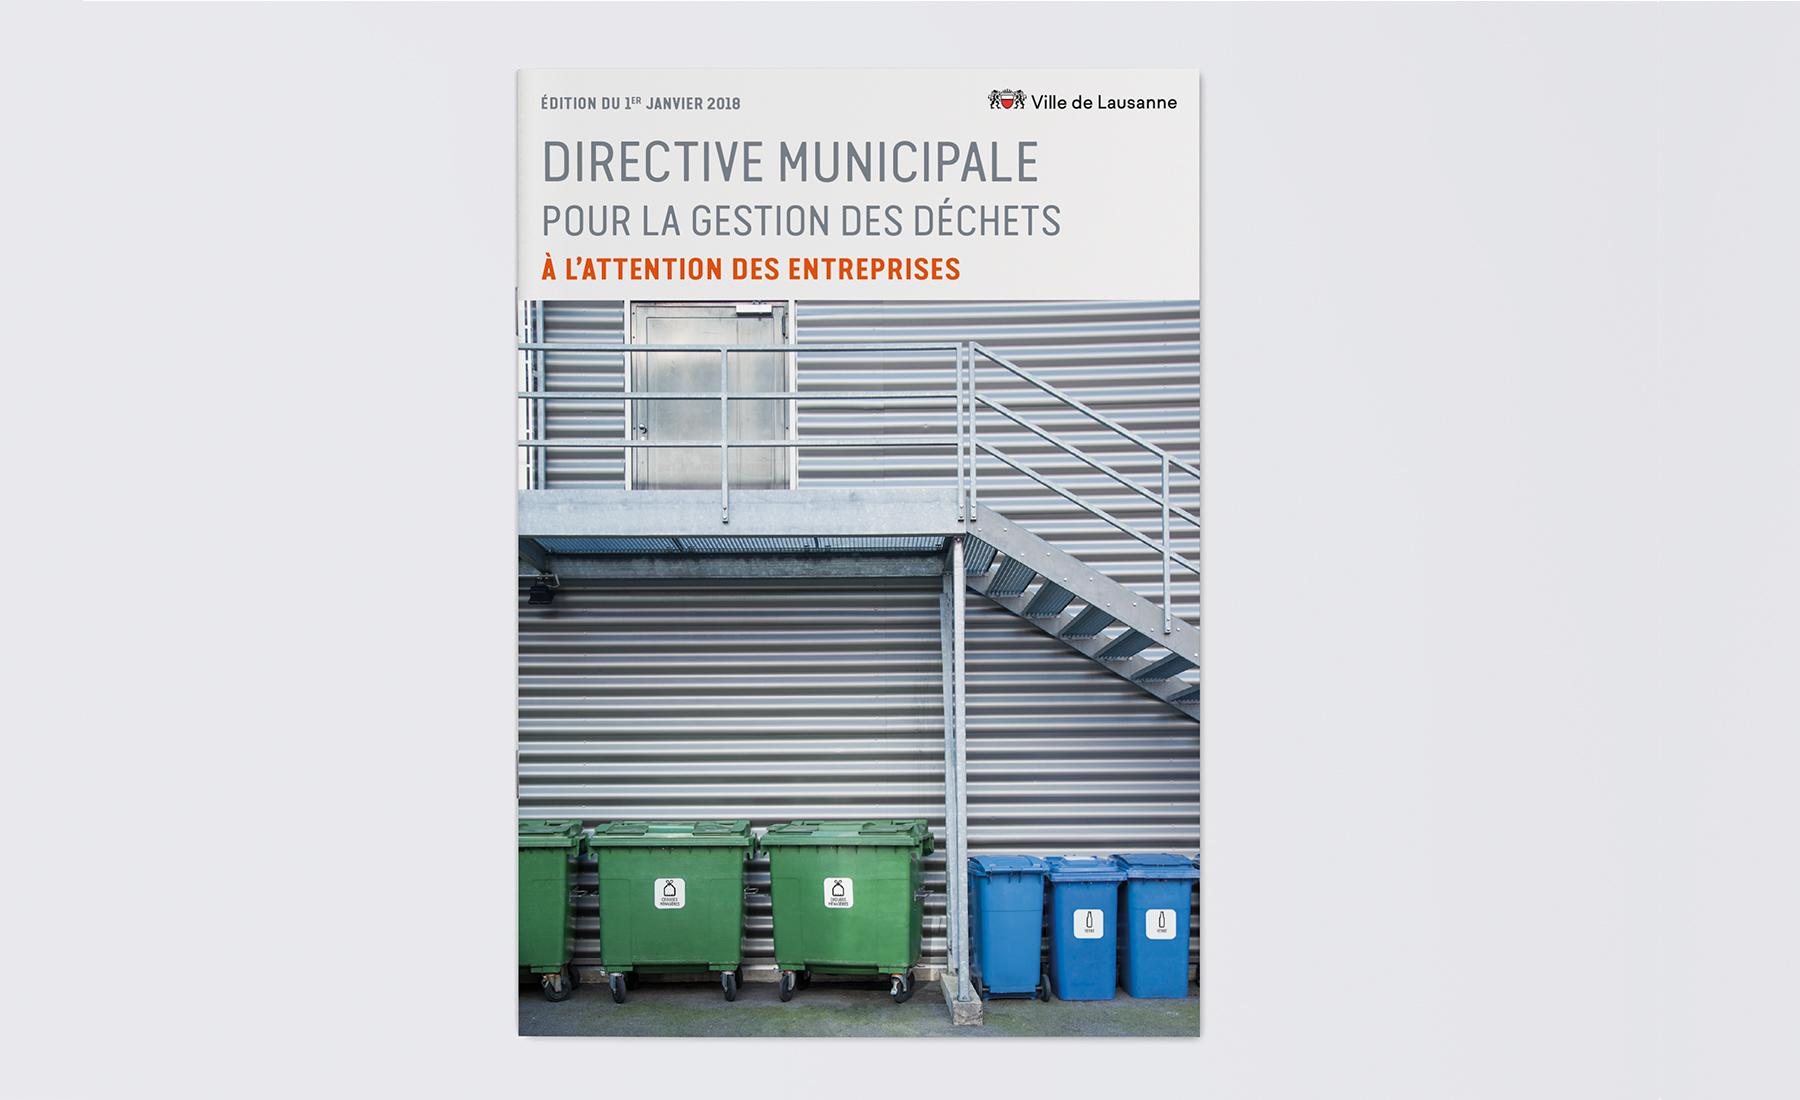 Image de couverture de la brochure des directives municipales de Lausanne